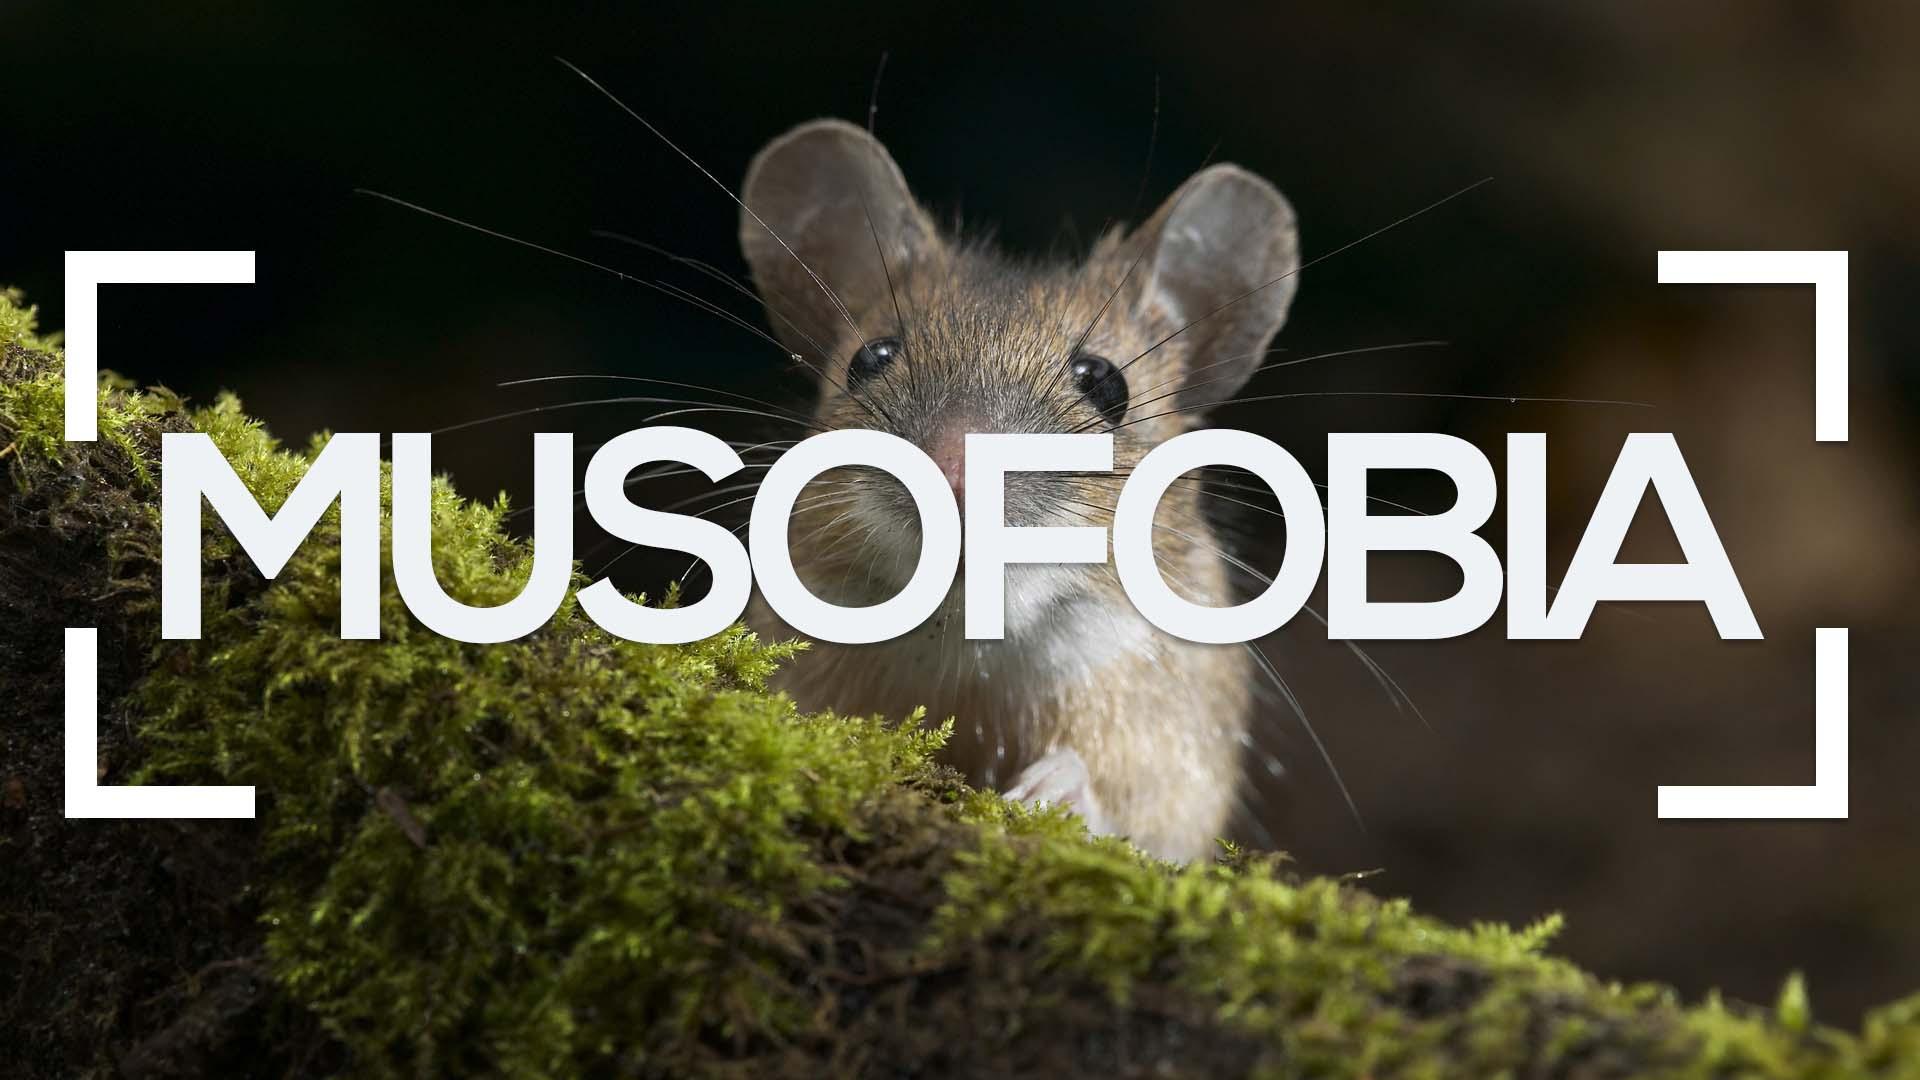 Se muestra un ratón en un bosque y la palabra musofobia